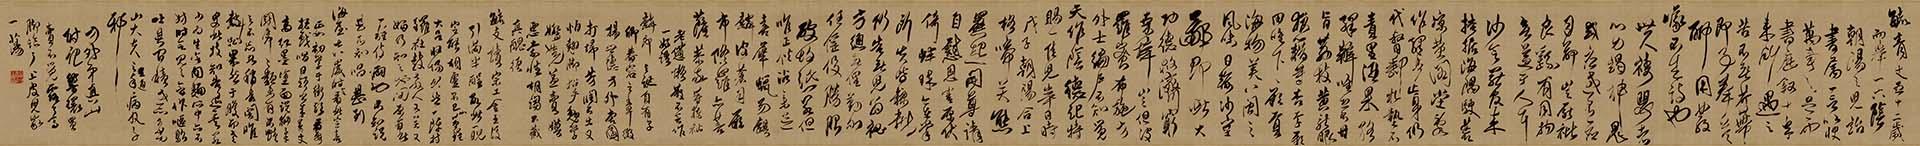 清 傅山《贺毓青丈五十二得子》诗卷 绢本 绢本 25.4x336.8